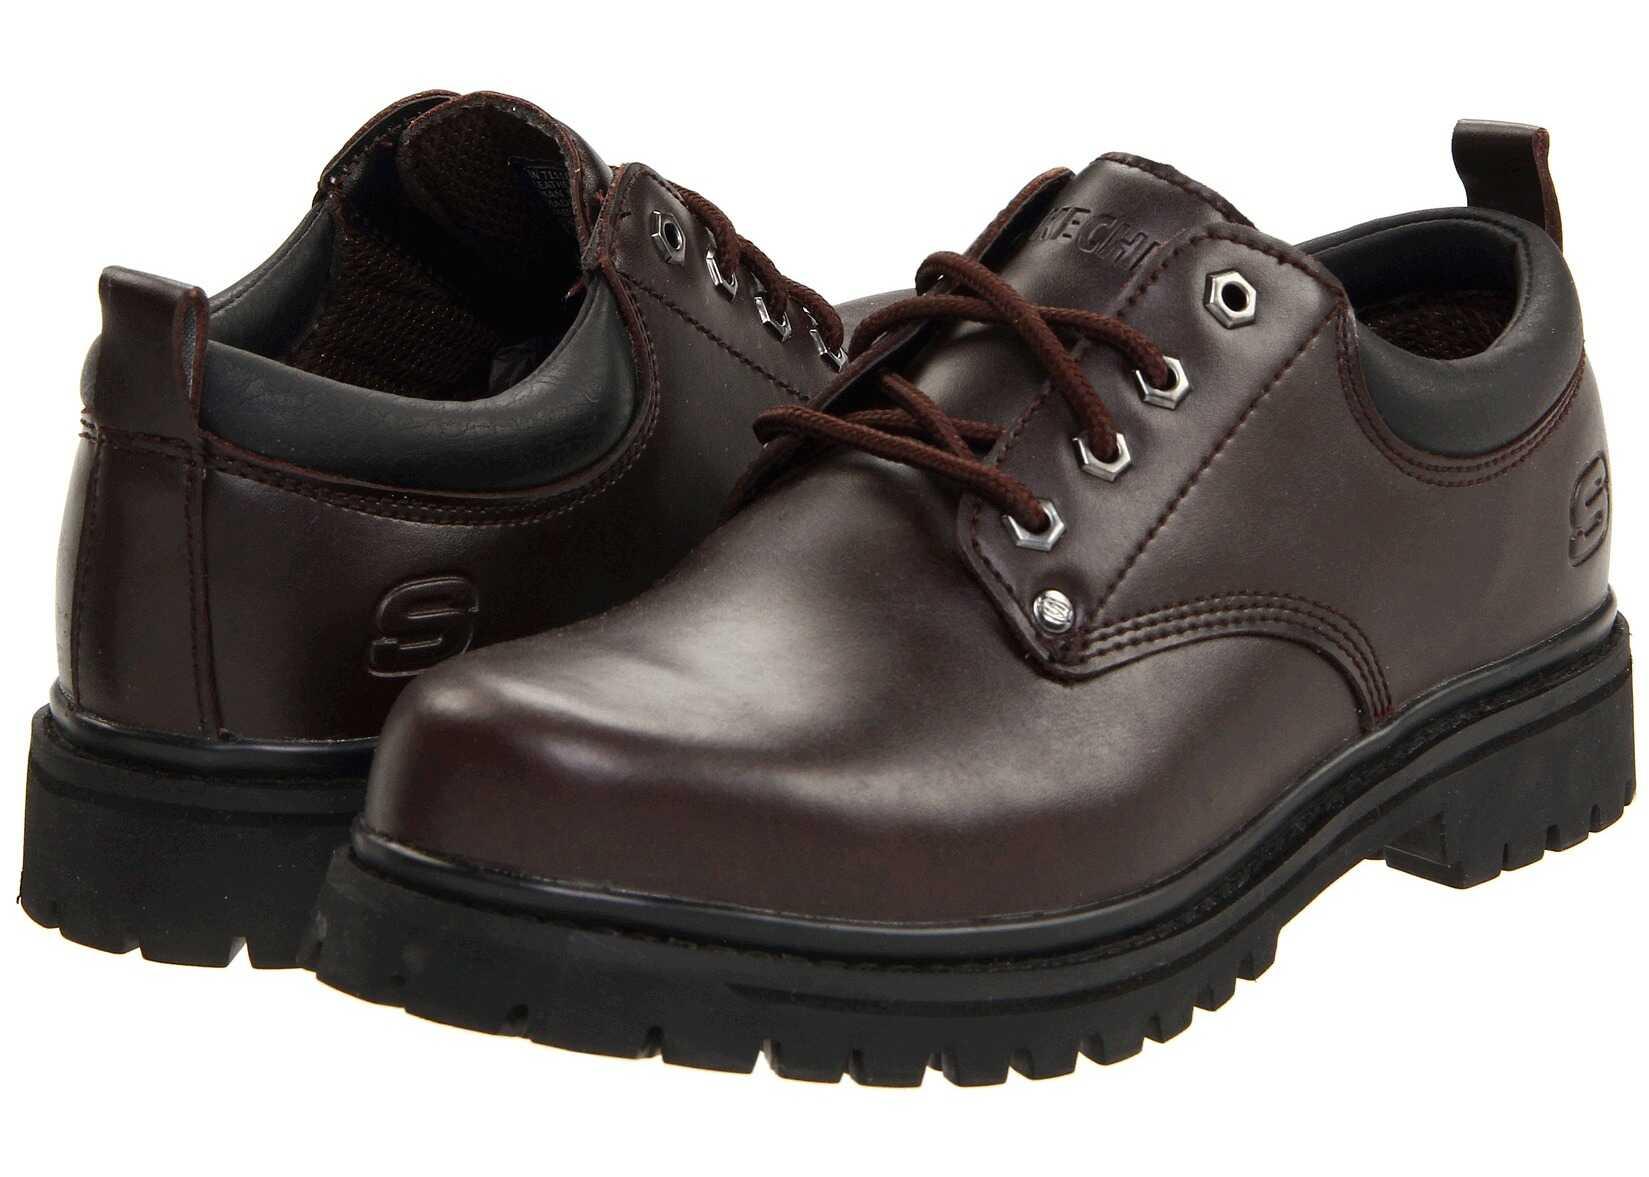 Pantofi Barbati Skechers Alley Cats Dark Brown